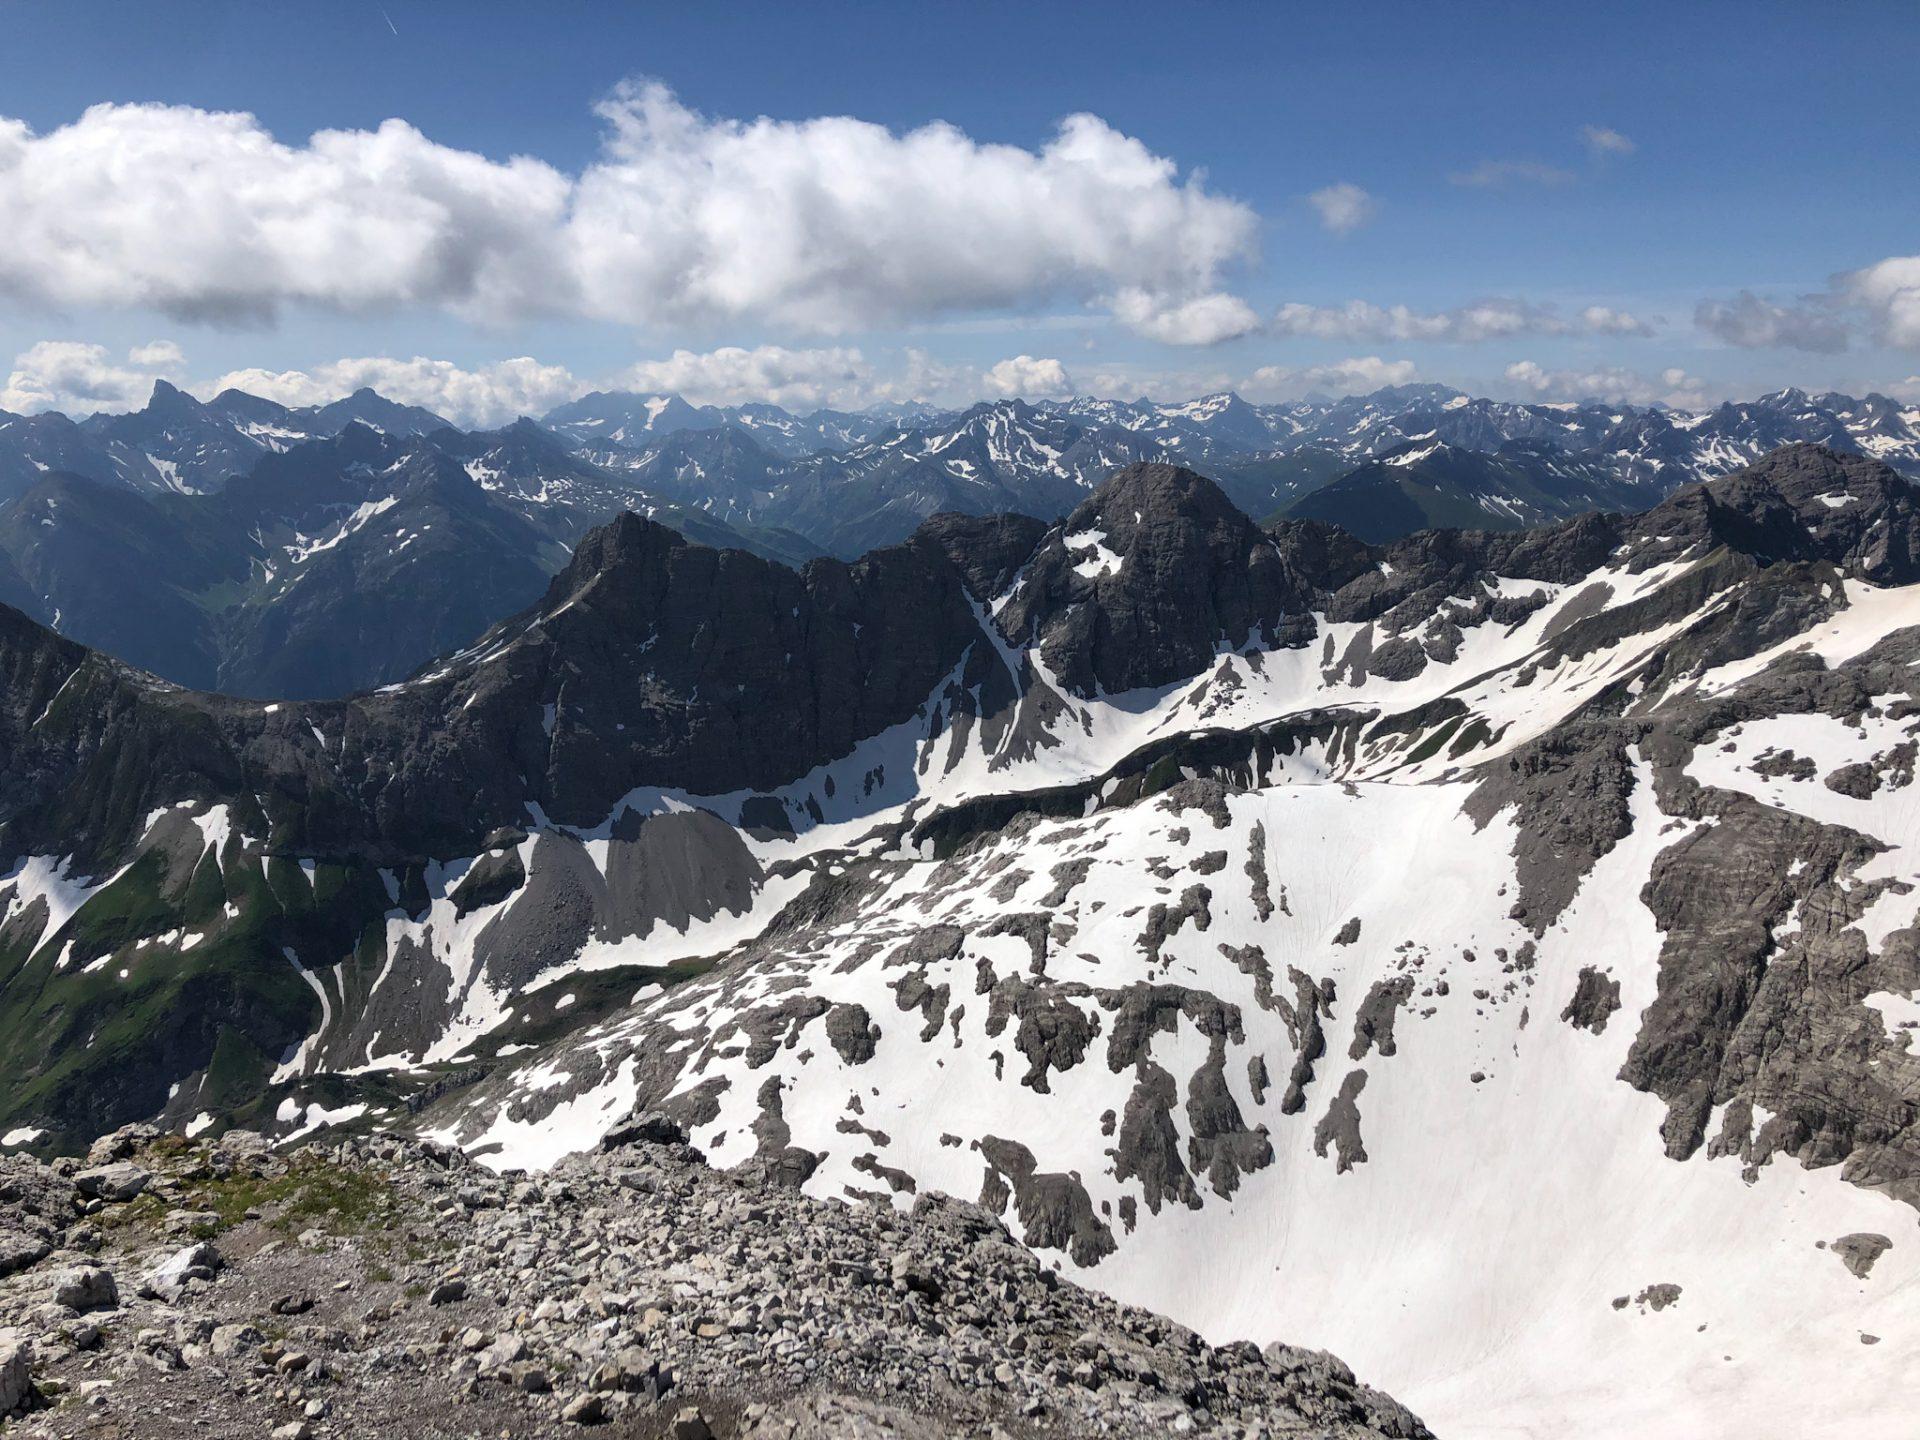 Paysage dans les Alpes d'Allgäu en Bavière